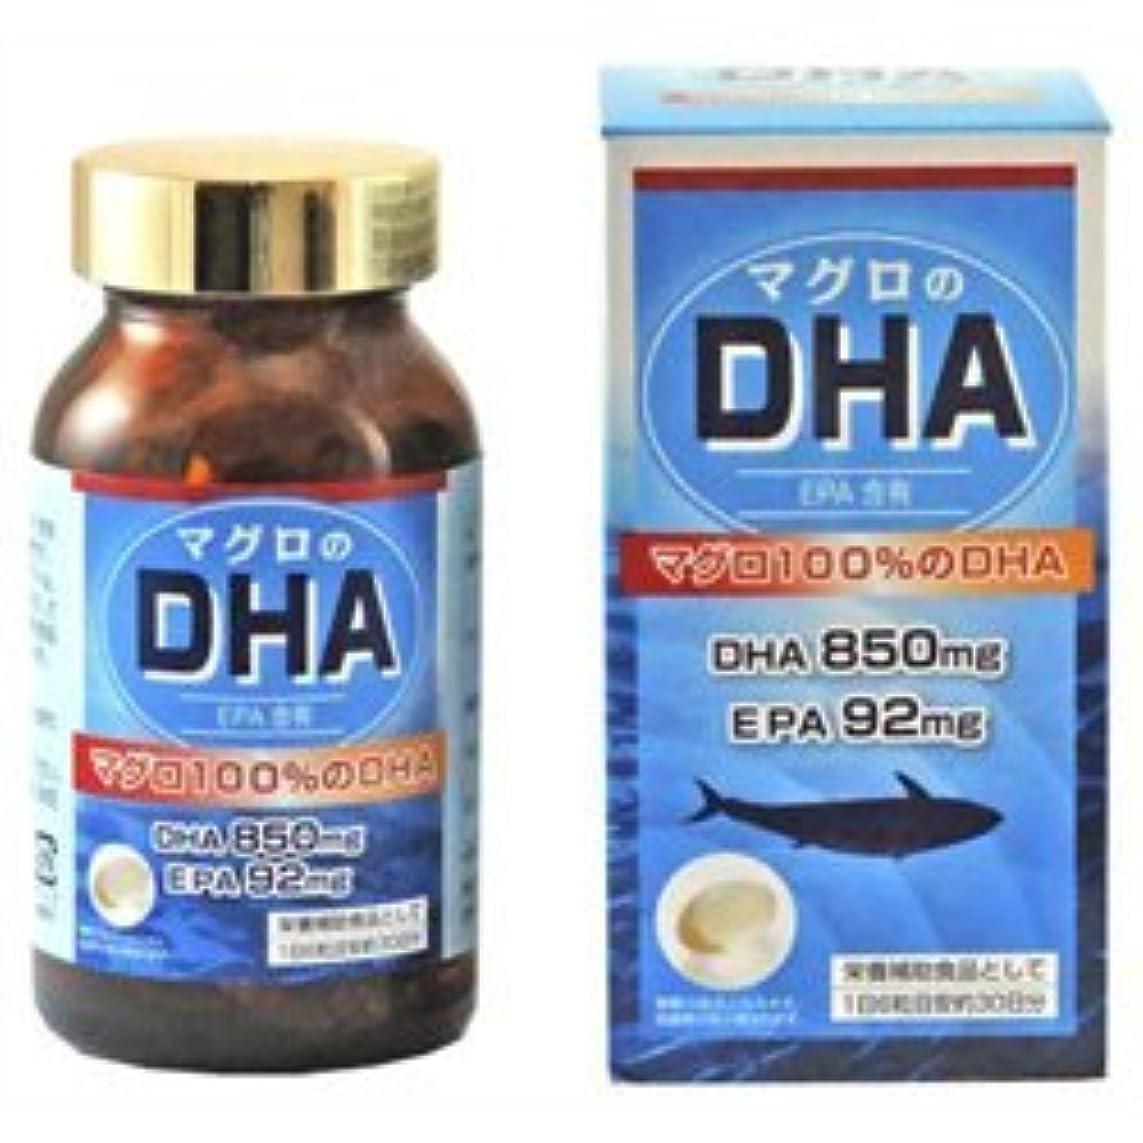 変形するバルコニーポット【ユニマットリケン】DHA850 180粒 ×5個セット